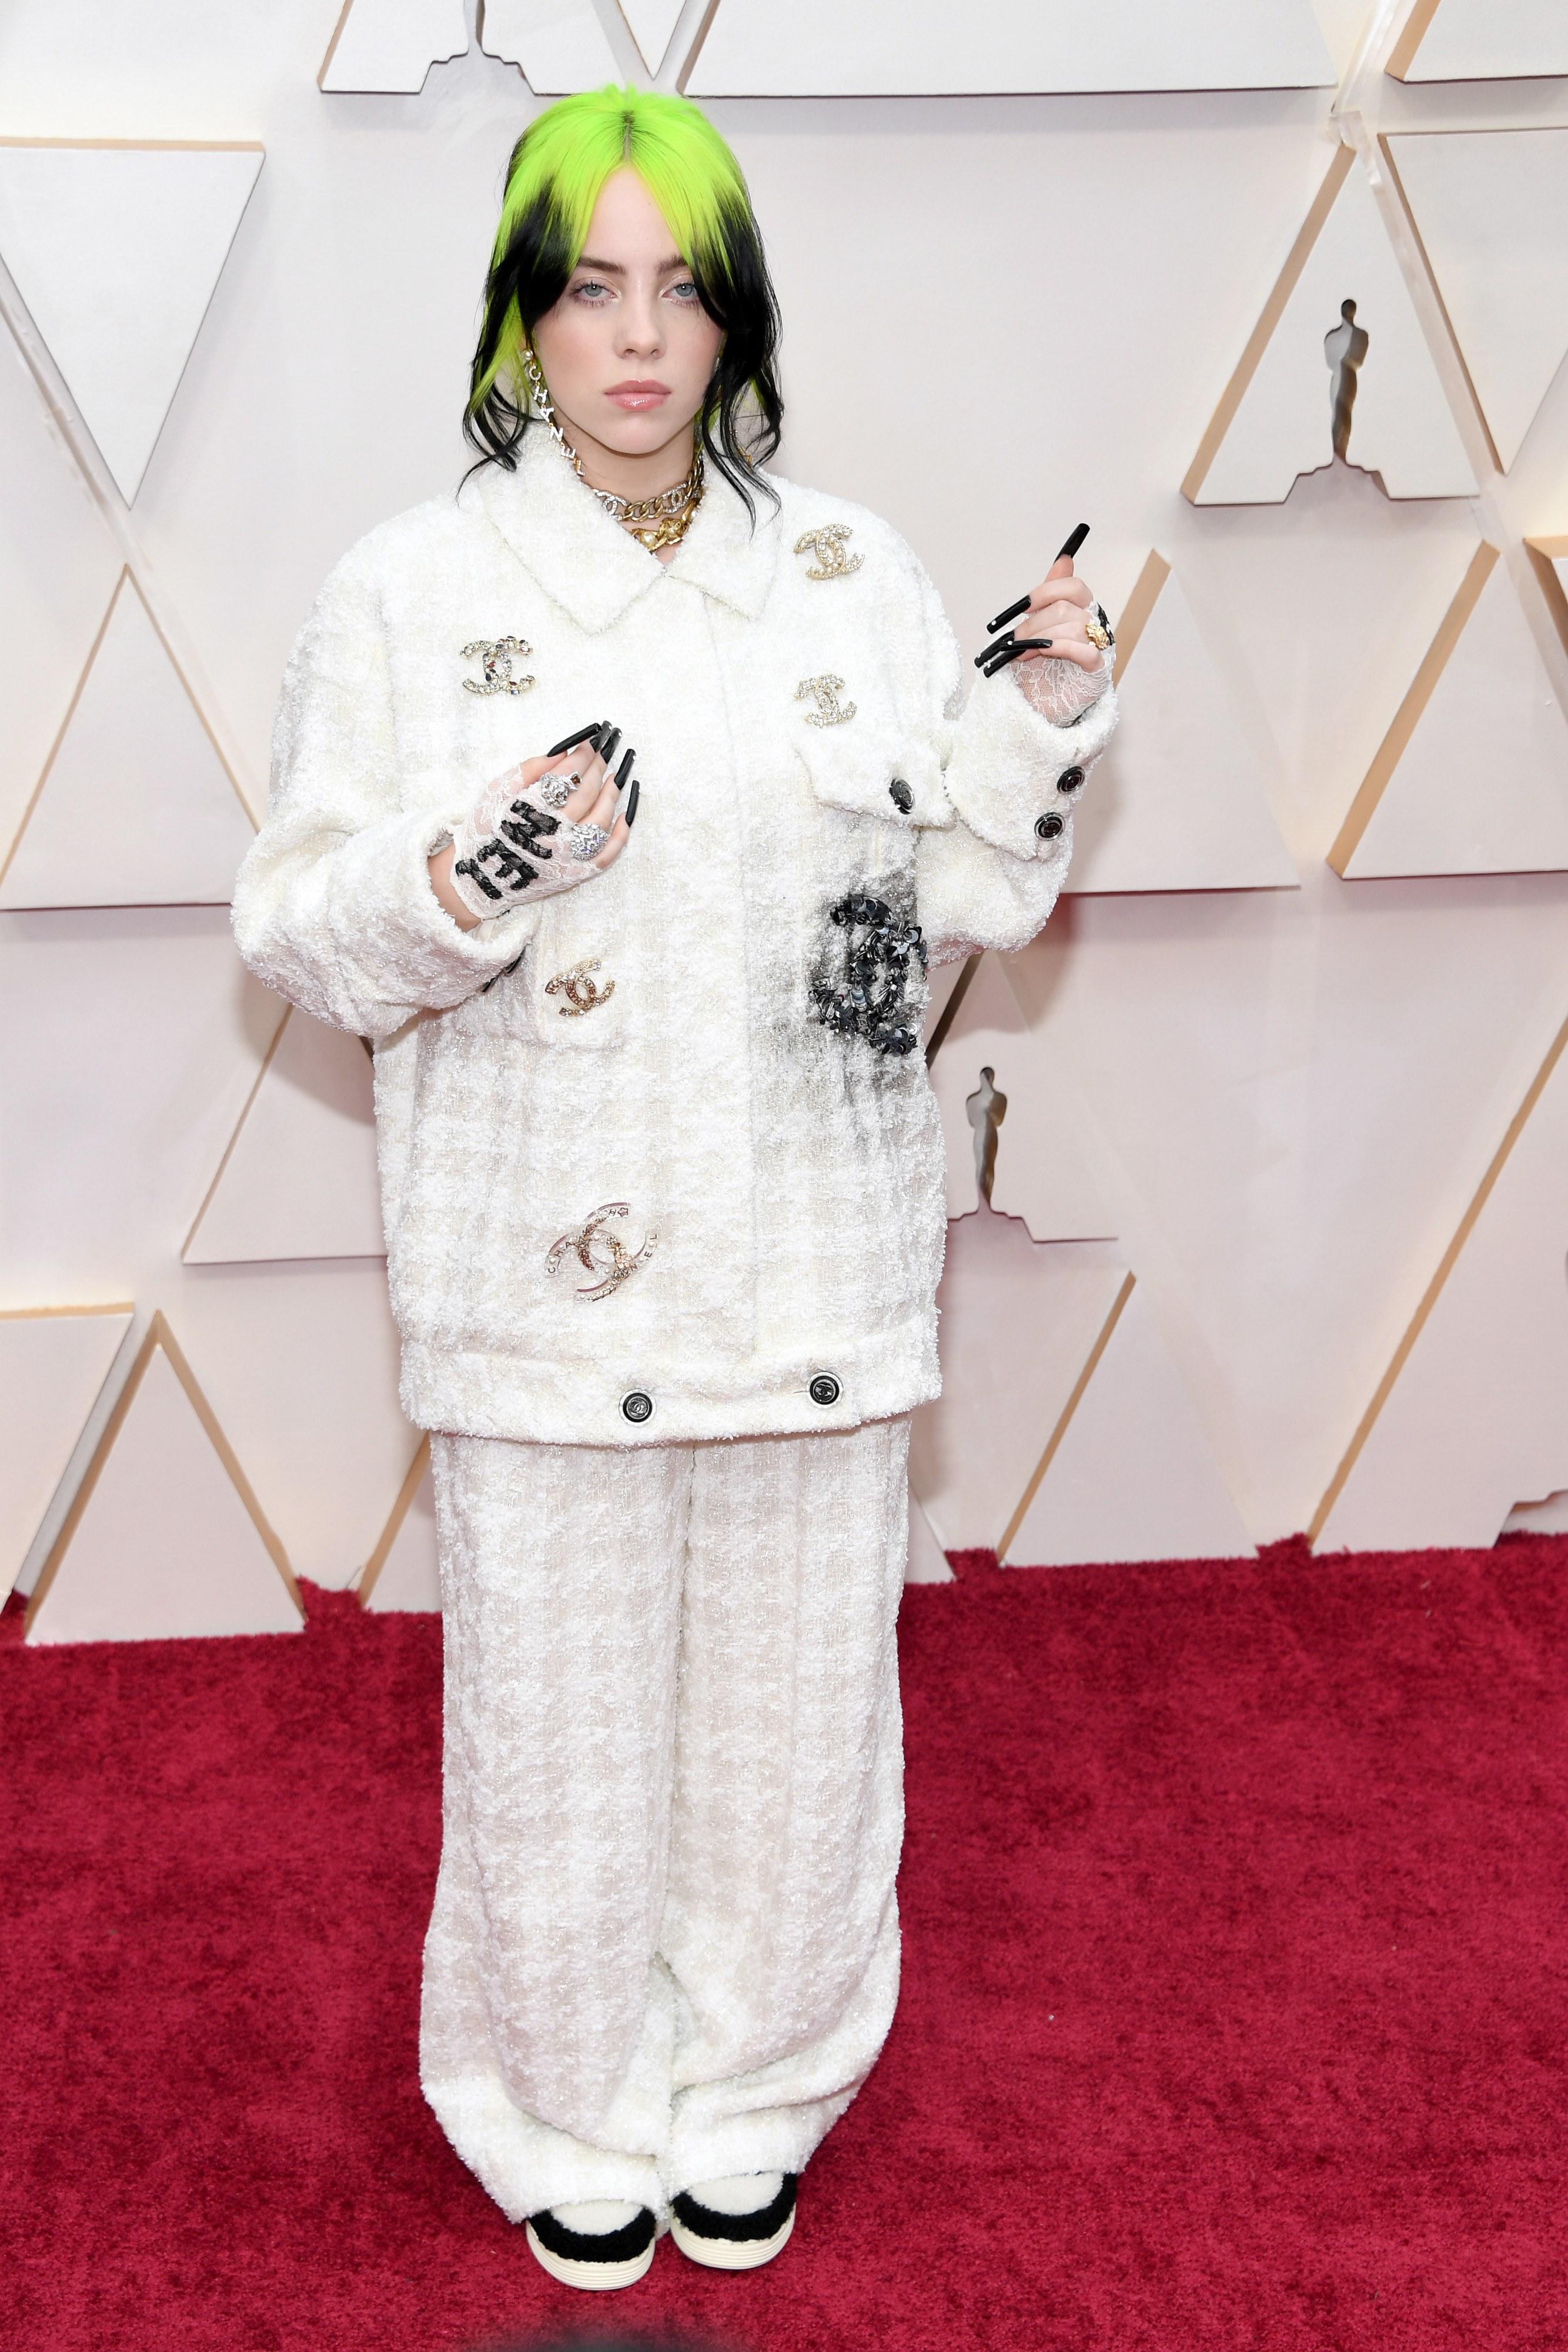 Zapatos Oscars 2020: Look Billie Elish en los Oscars 2020